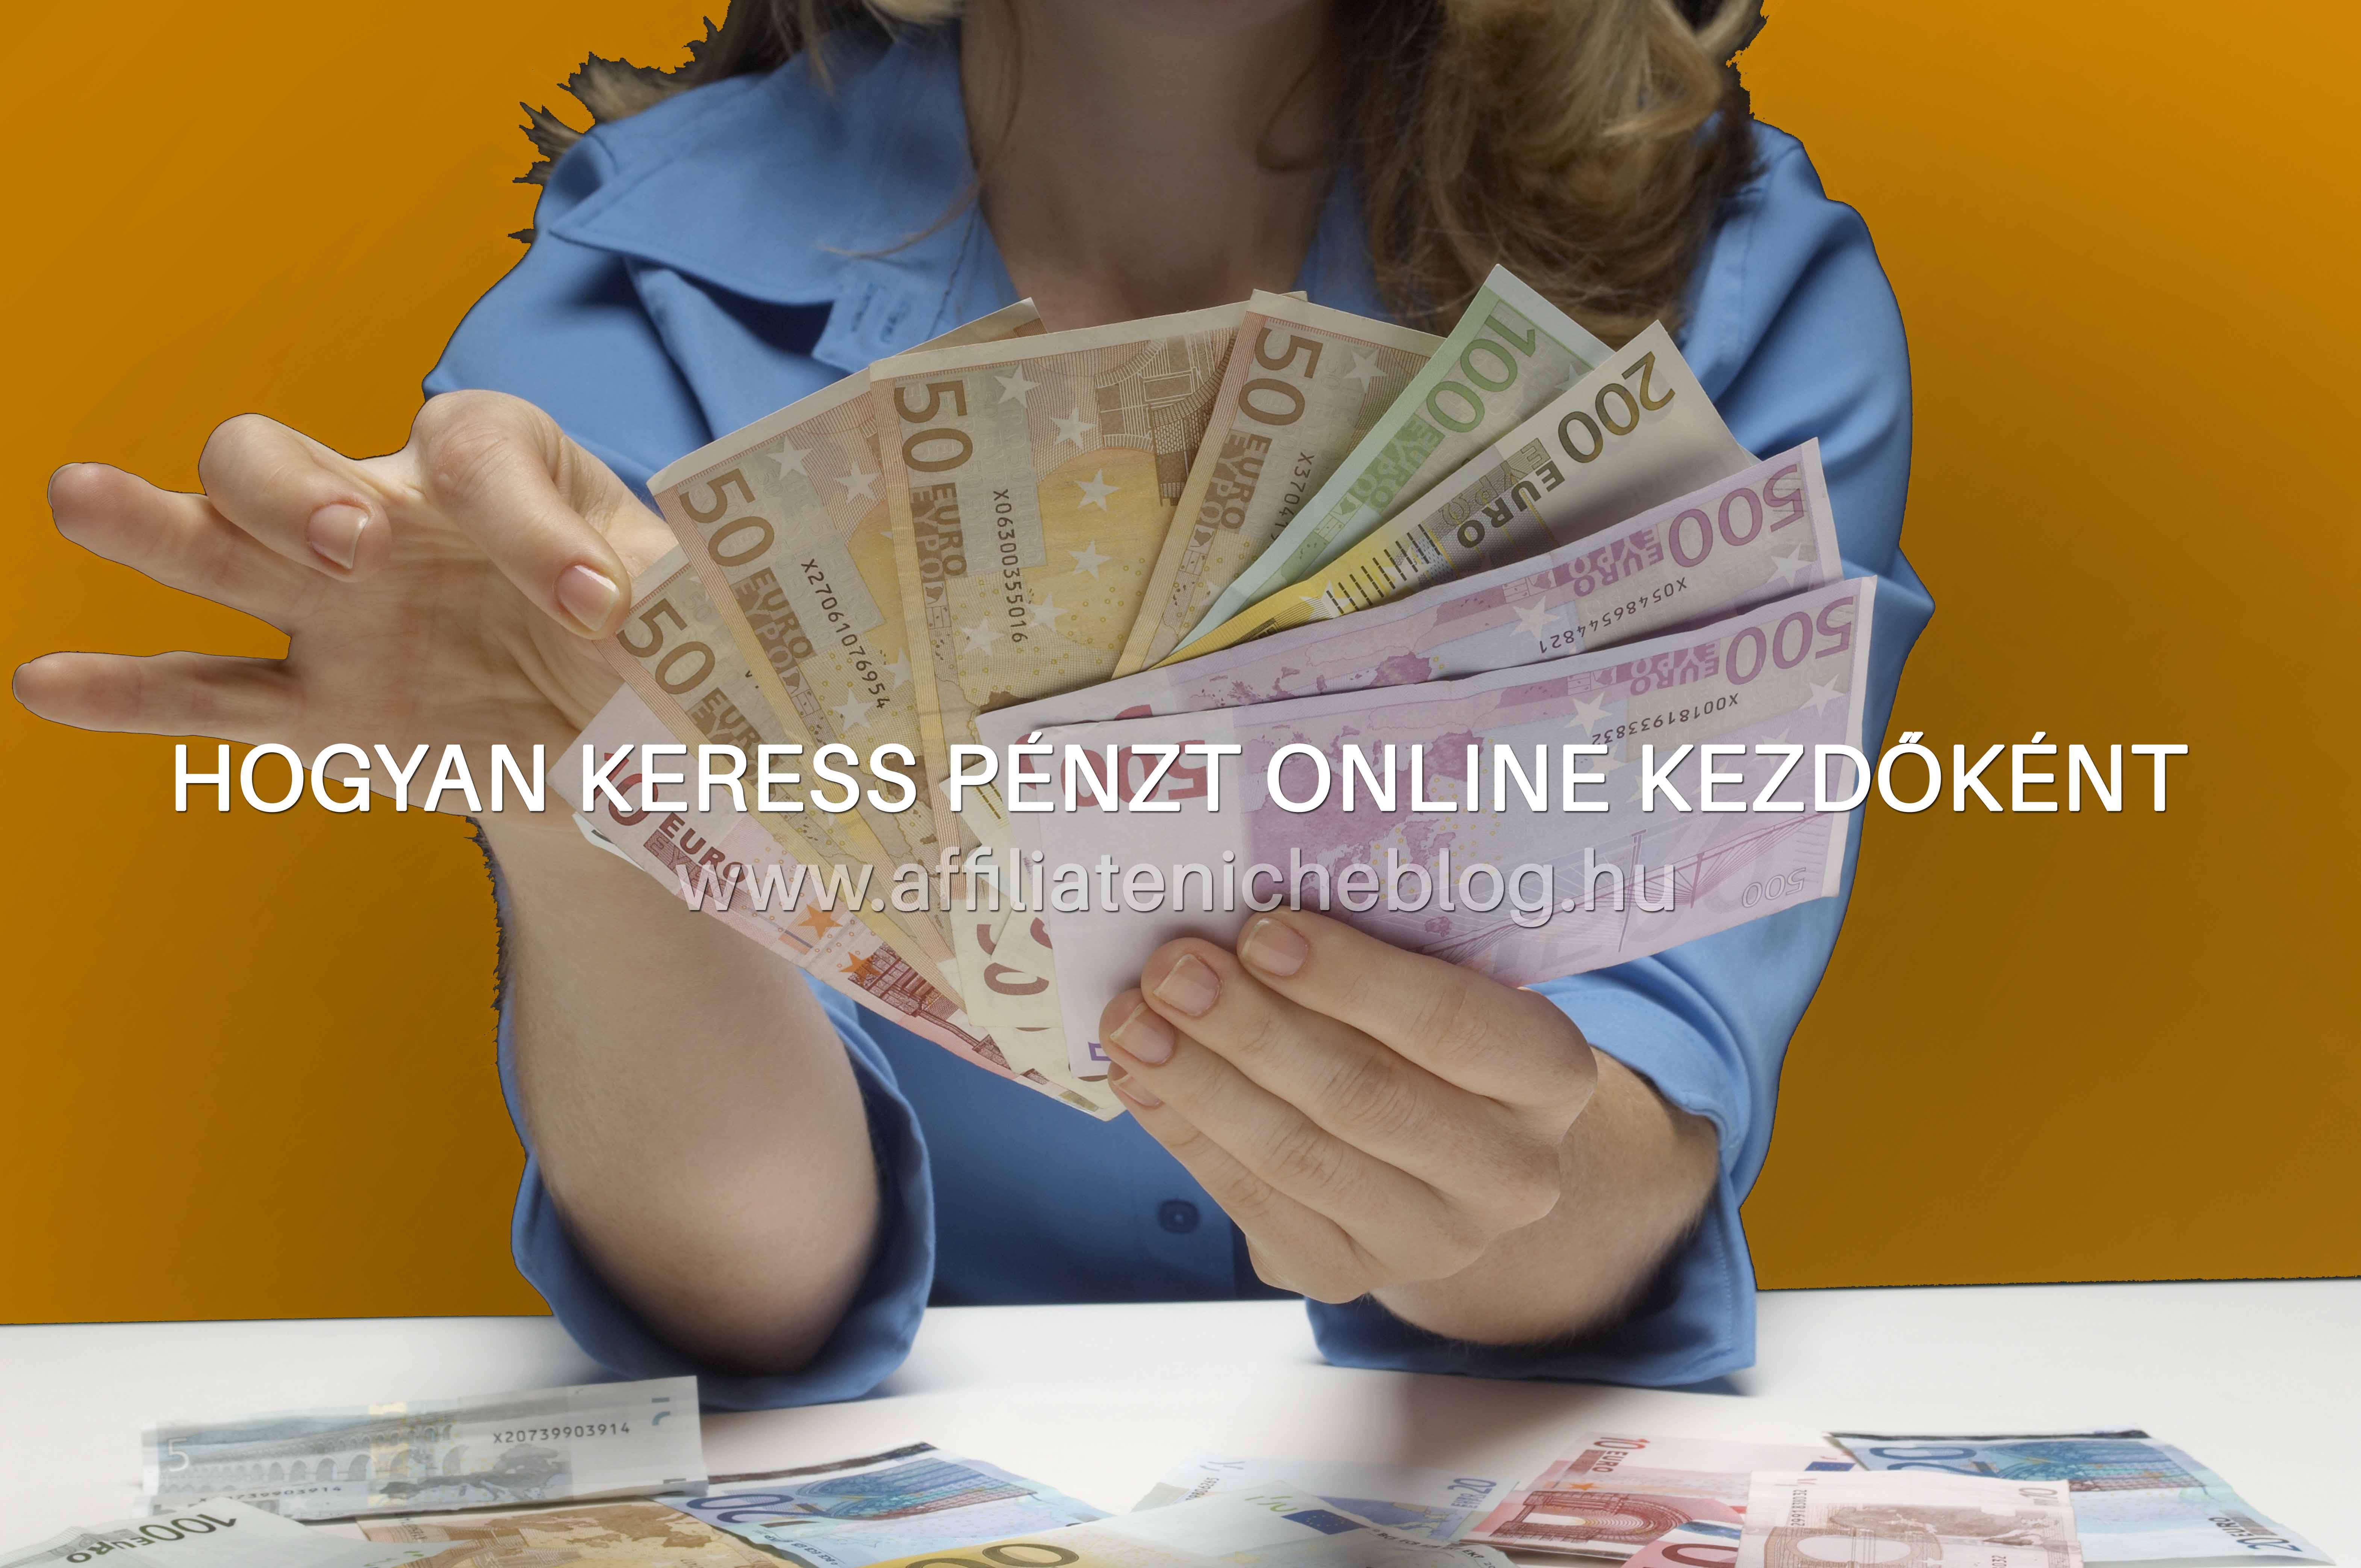 link, hogy pénzt keressen online